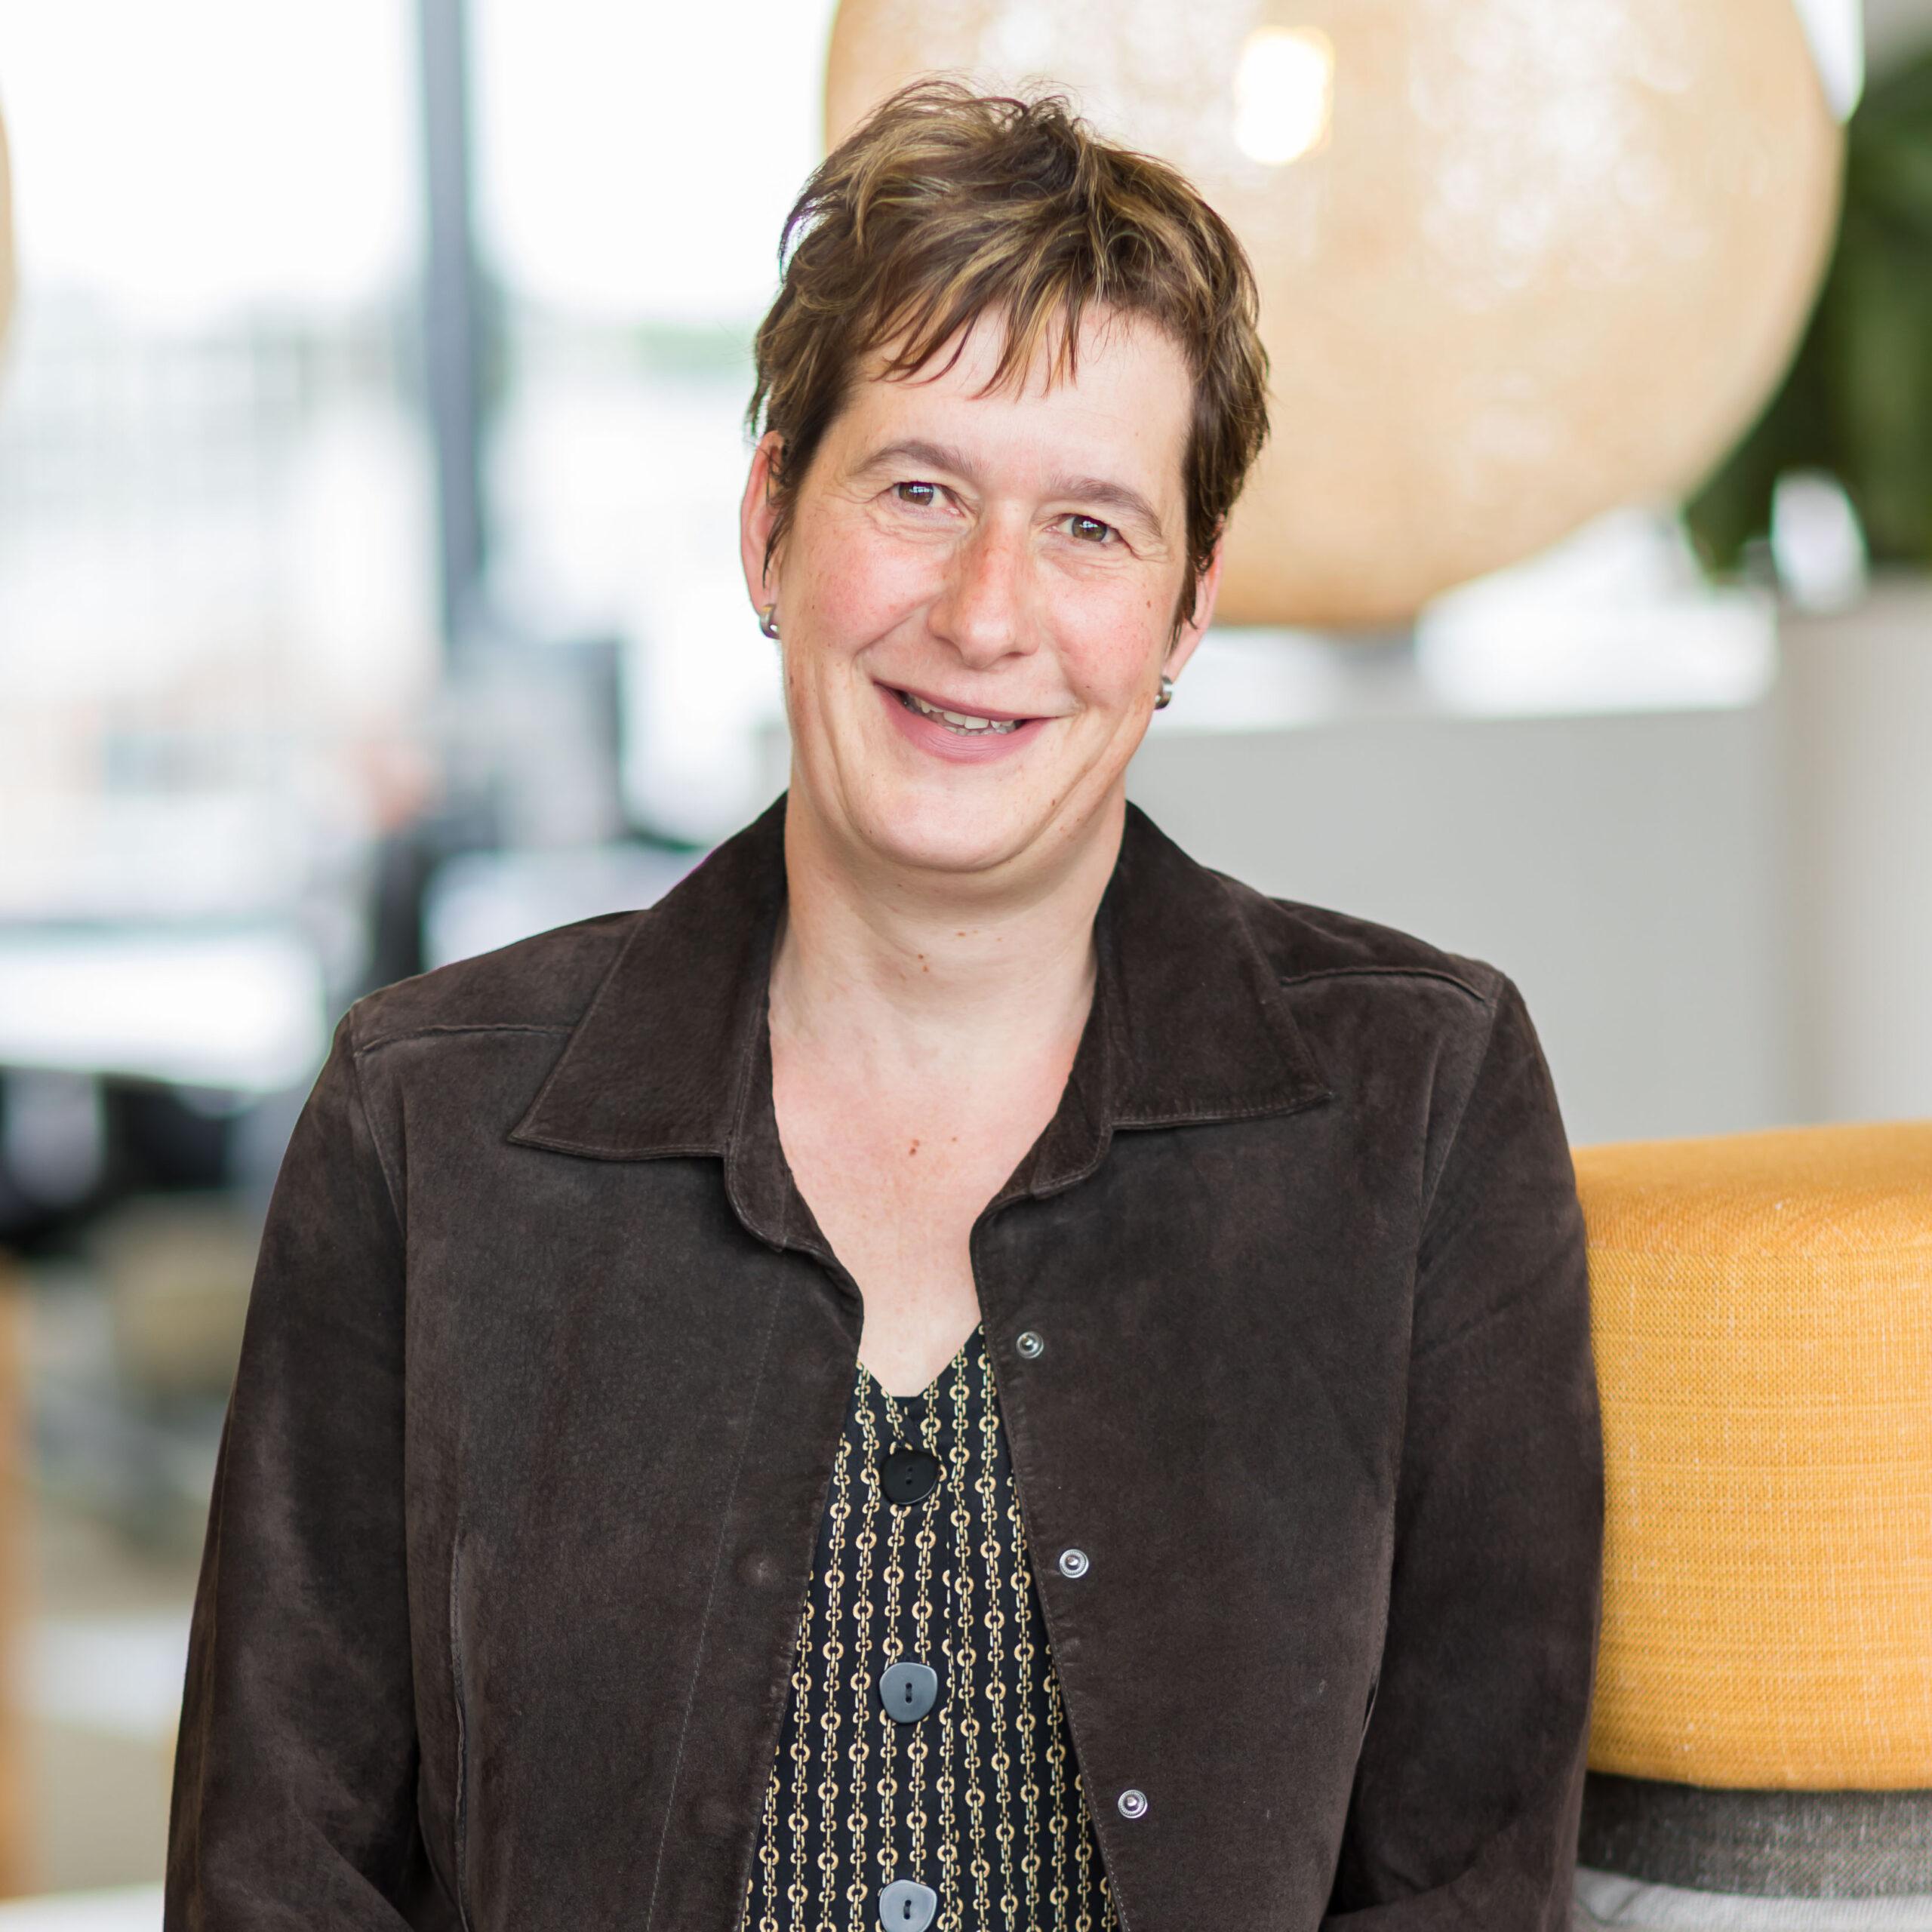 Yvonne van der Meulen